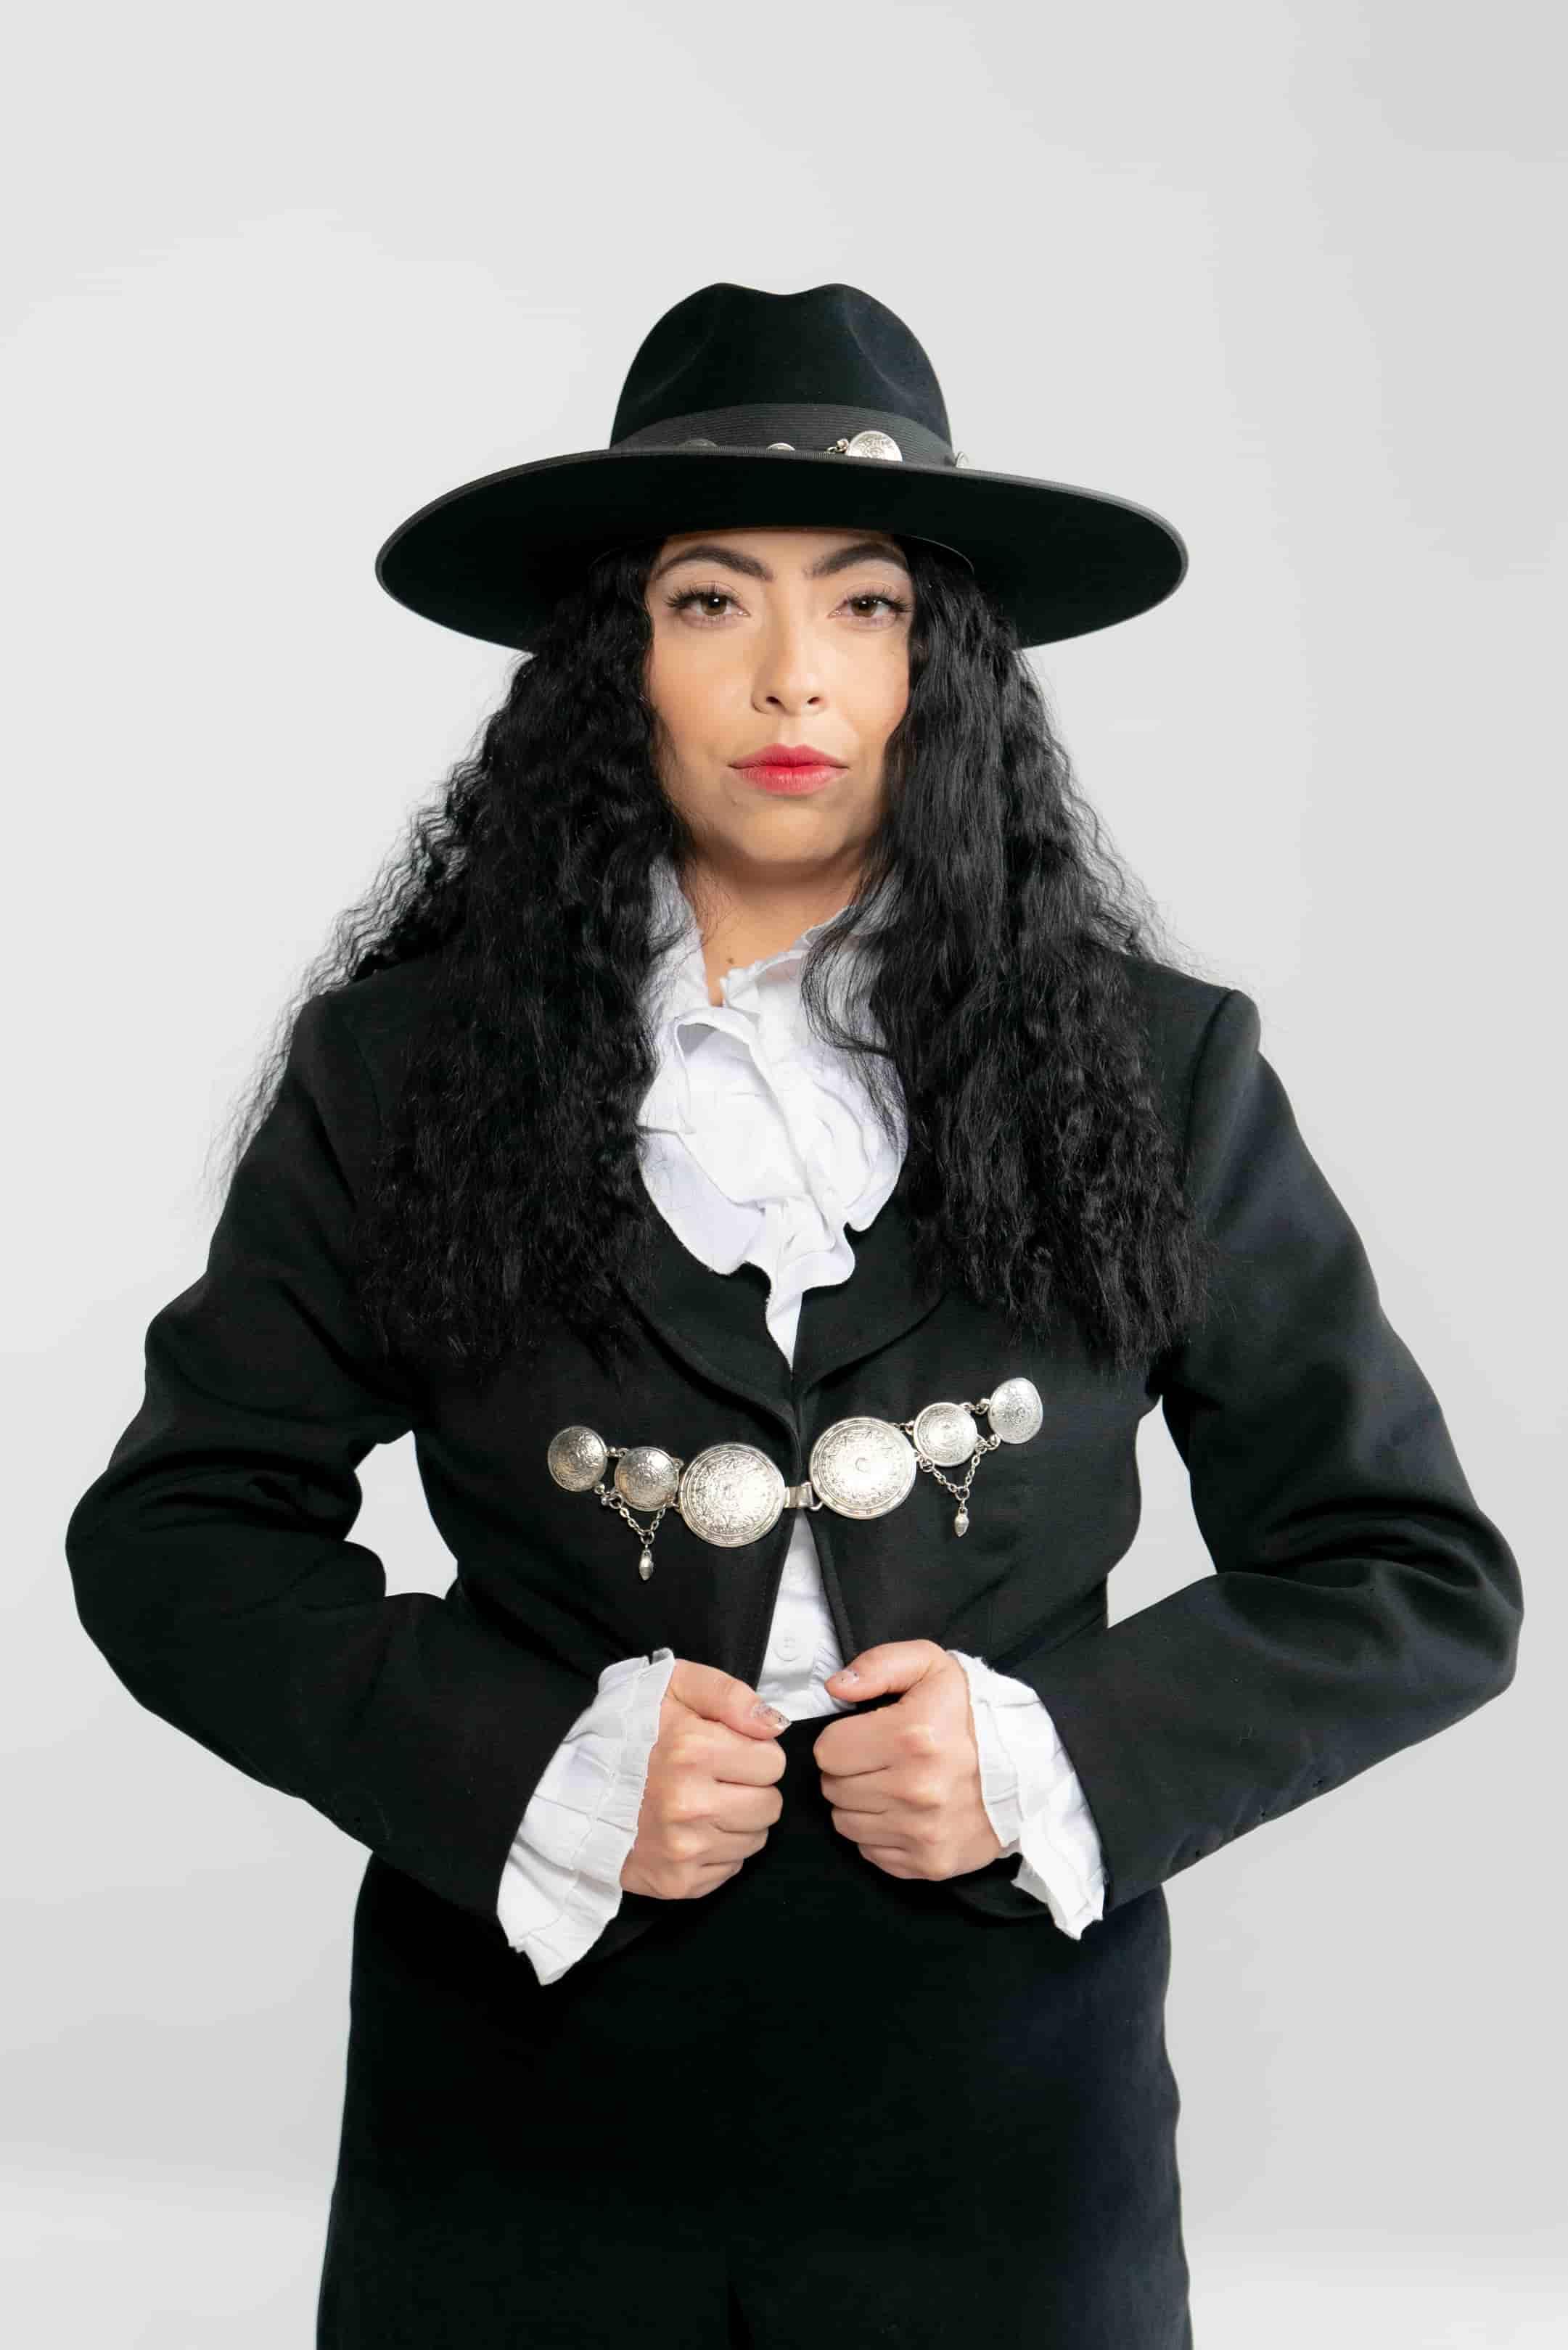 Nancy Sanchez (l.a.) + Luckas o. (Guadalajara)